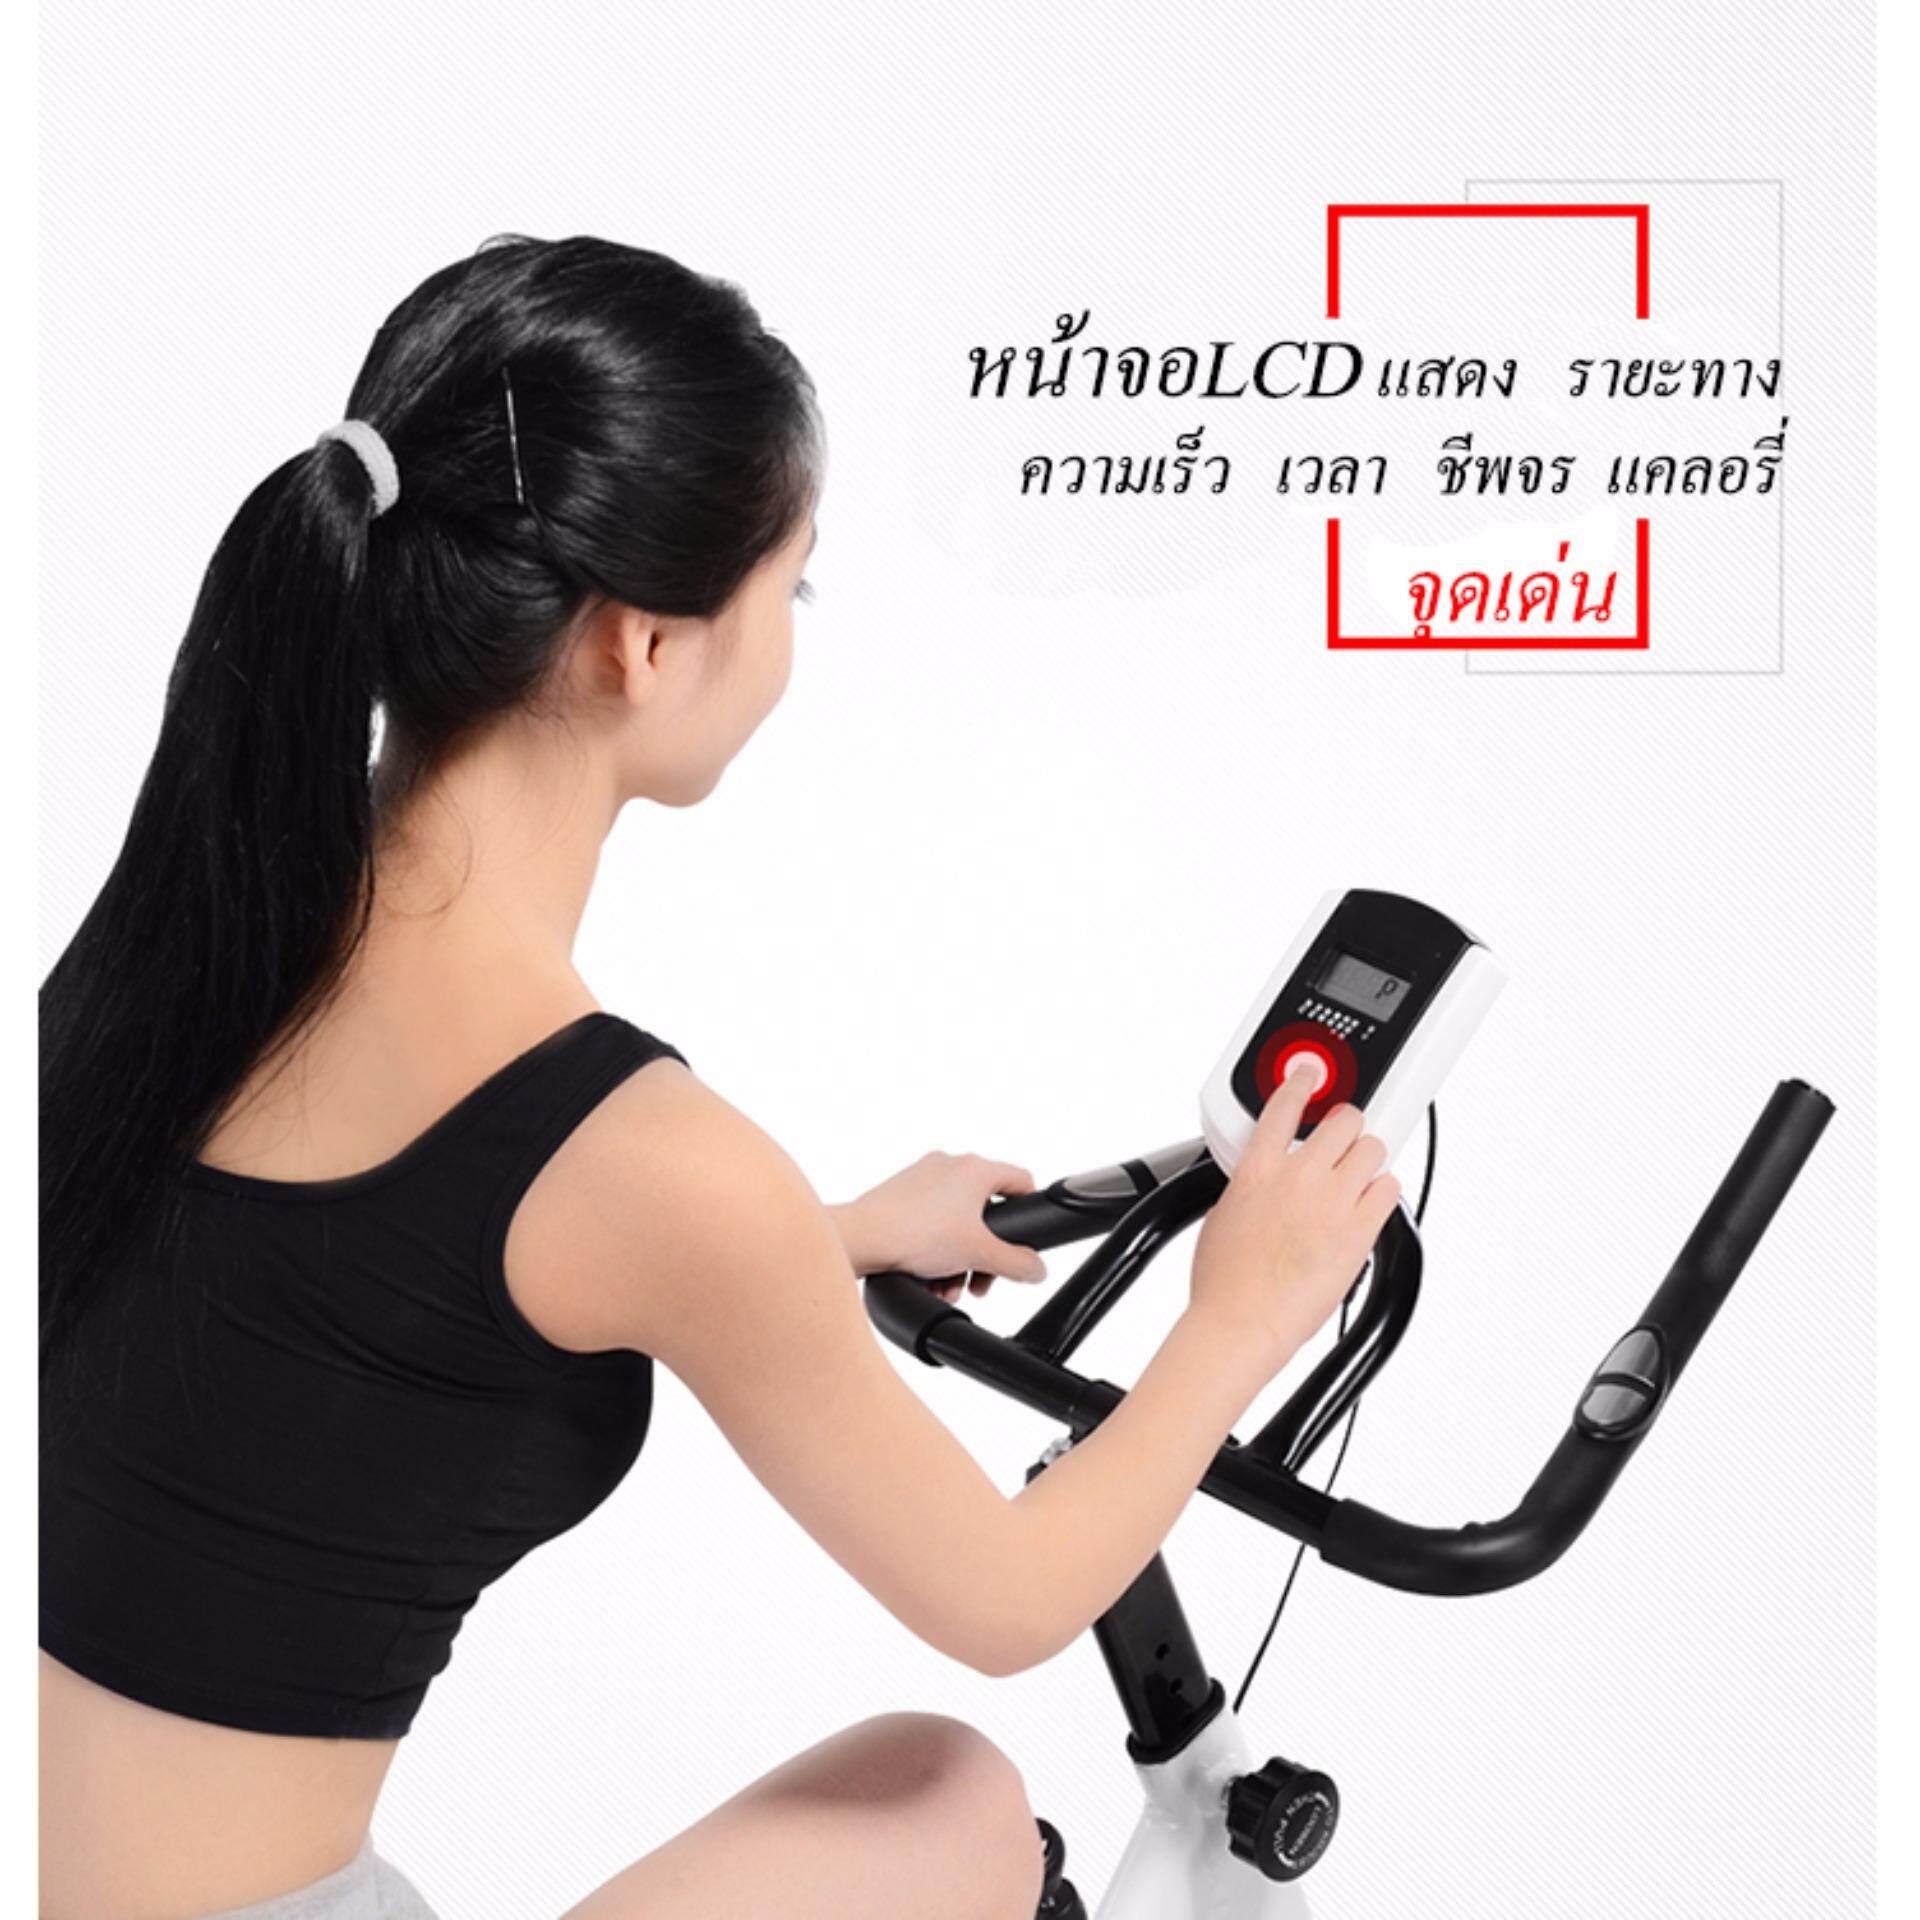 จักรยานออกกำลังกาย  KAKUKI รุ่น 1028 โค๊ดส่วนลด -77%